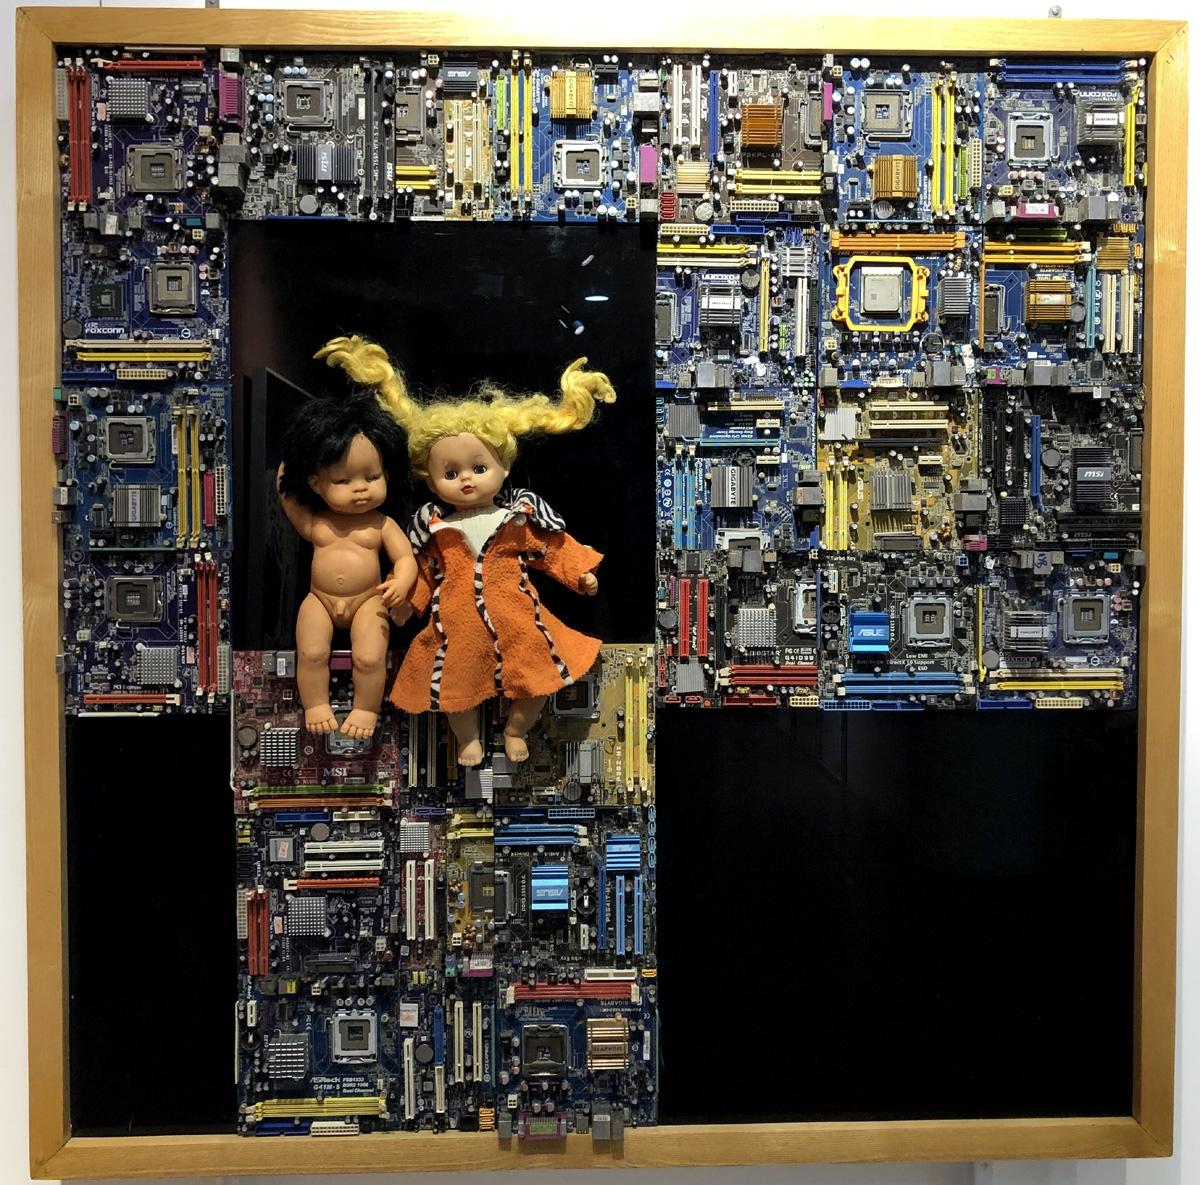 Kẻ canh gác tương lai (bảng mạch, cao su, trên kính màu và tấm nhựa)